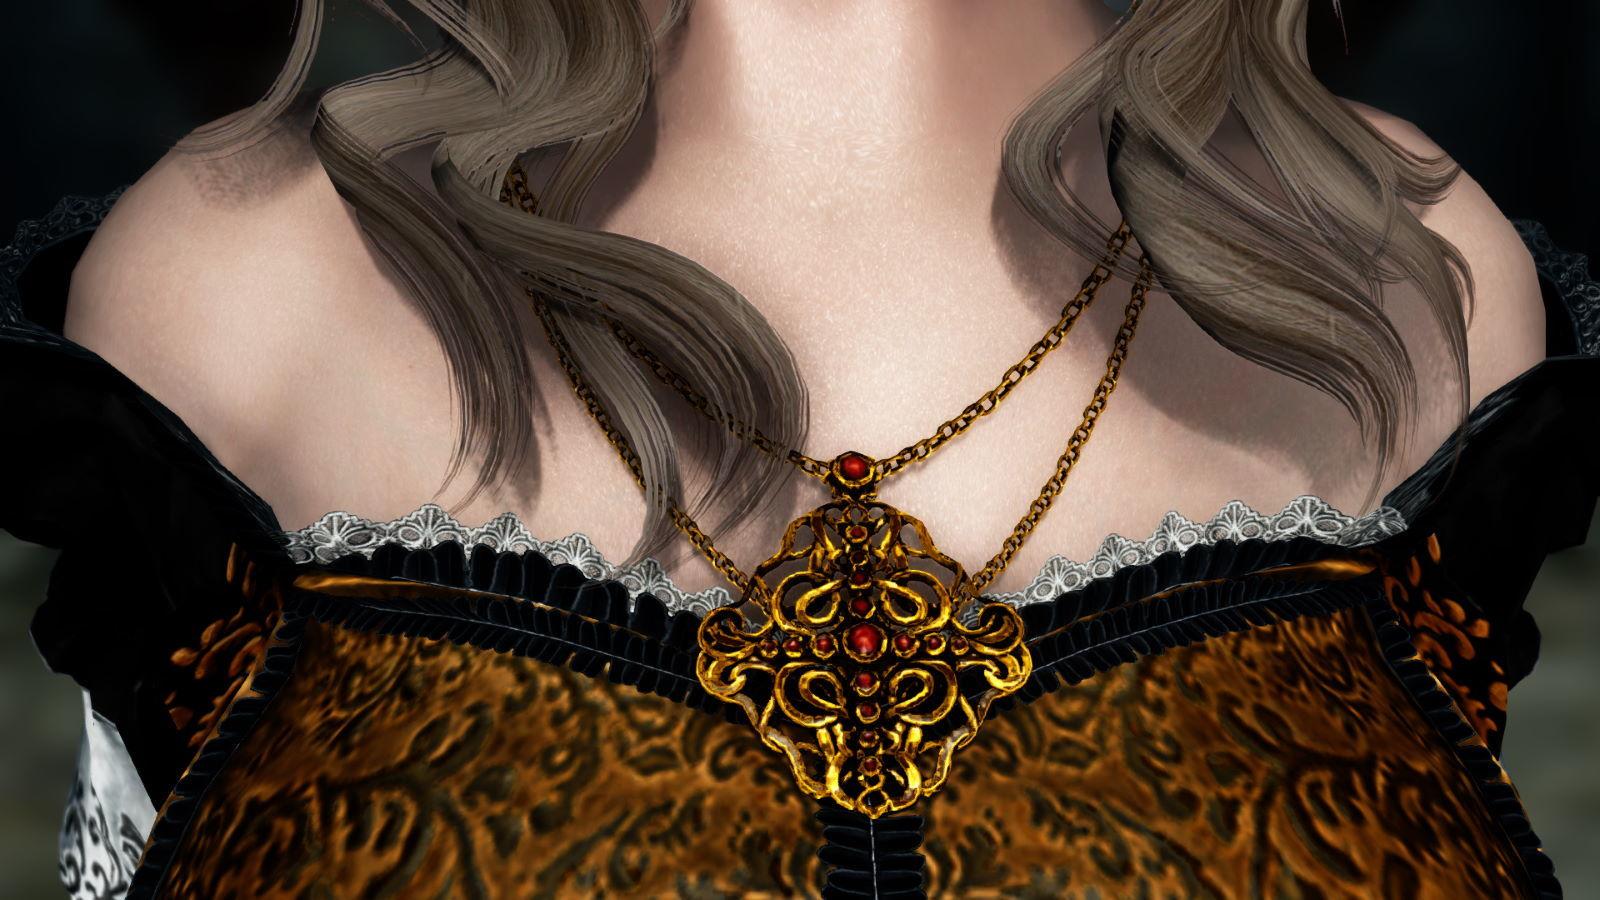 FullInuEliseDressSK 280-1 Pose Necklace Gold 1